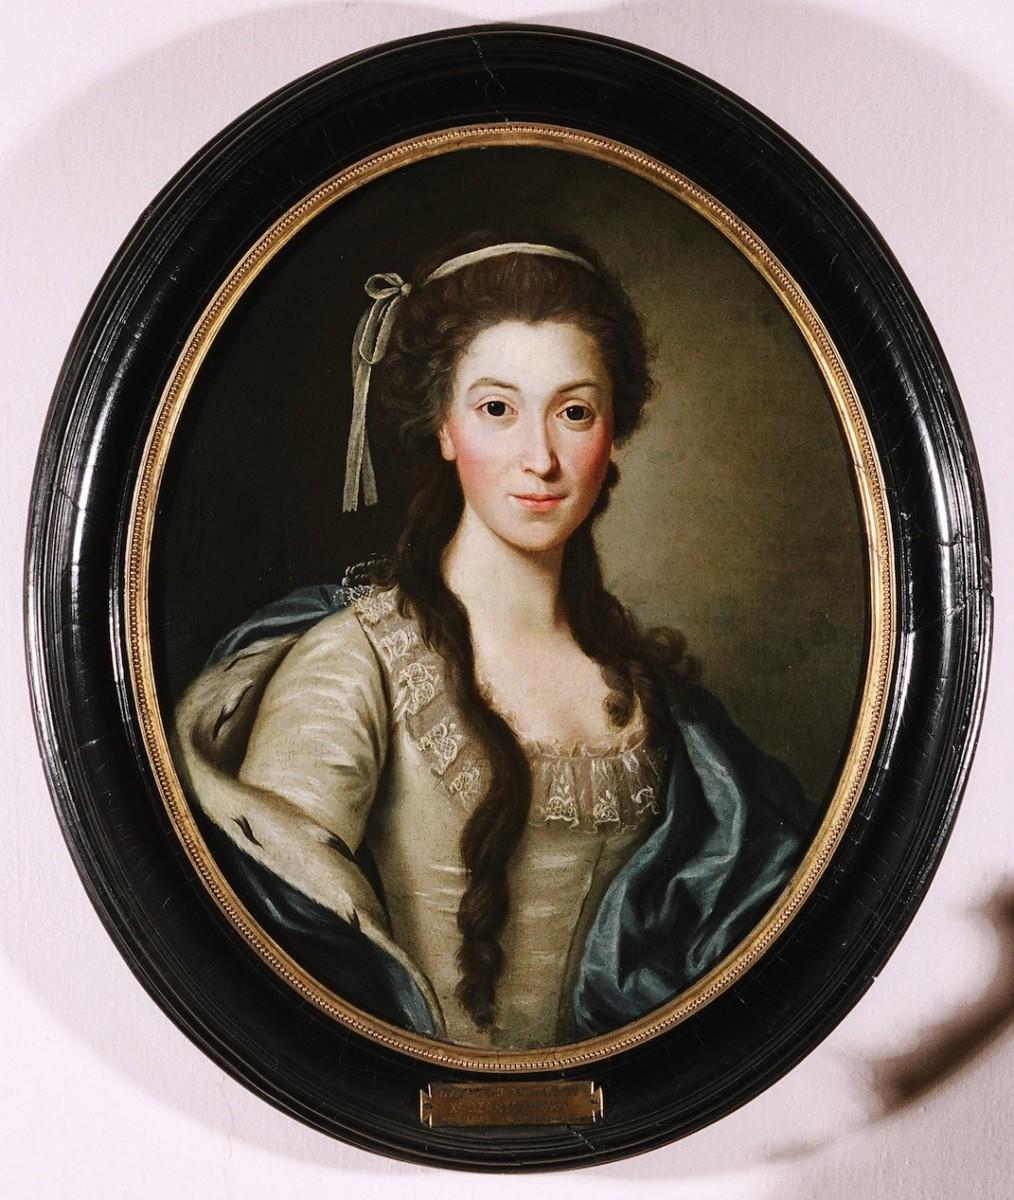 Unknown Polish artist Portrait of Duchess Izabela Czartoryska